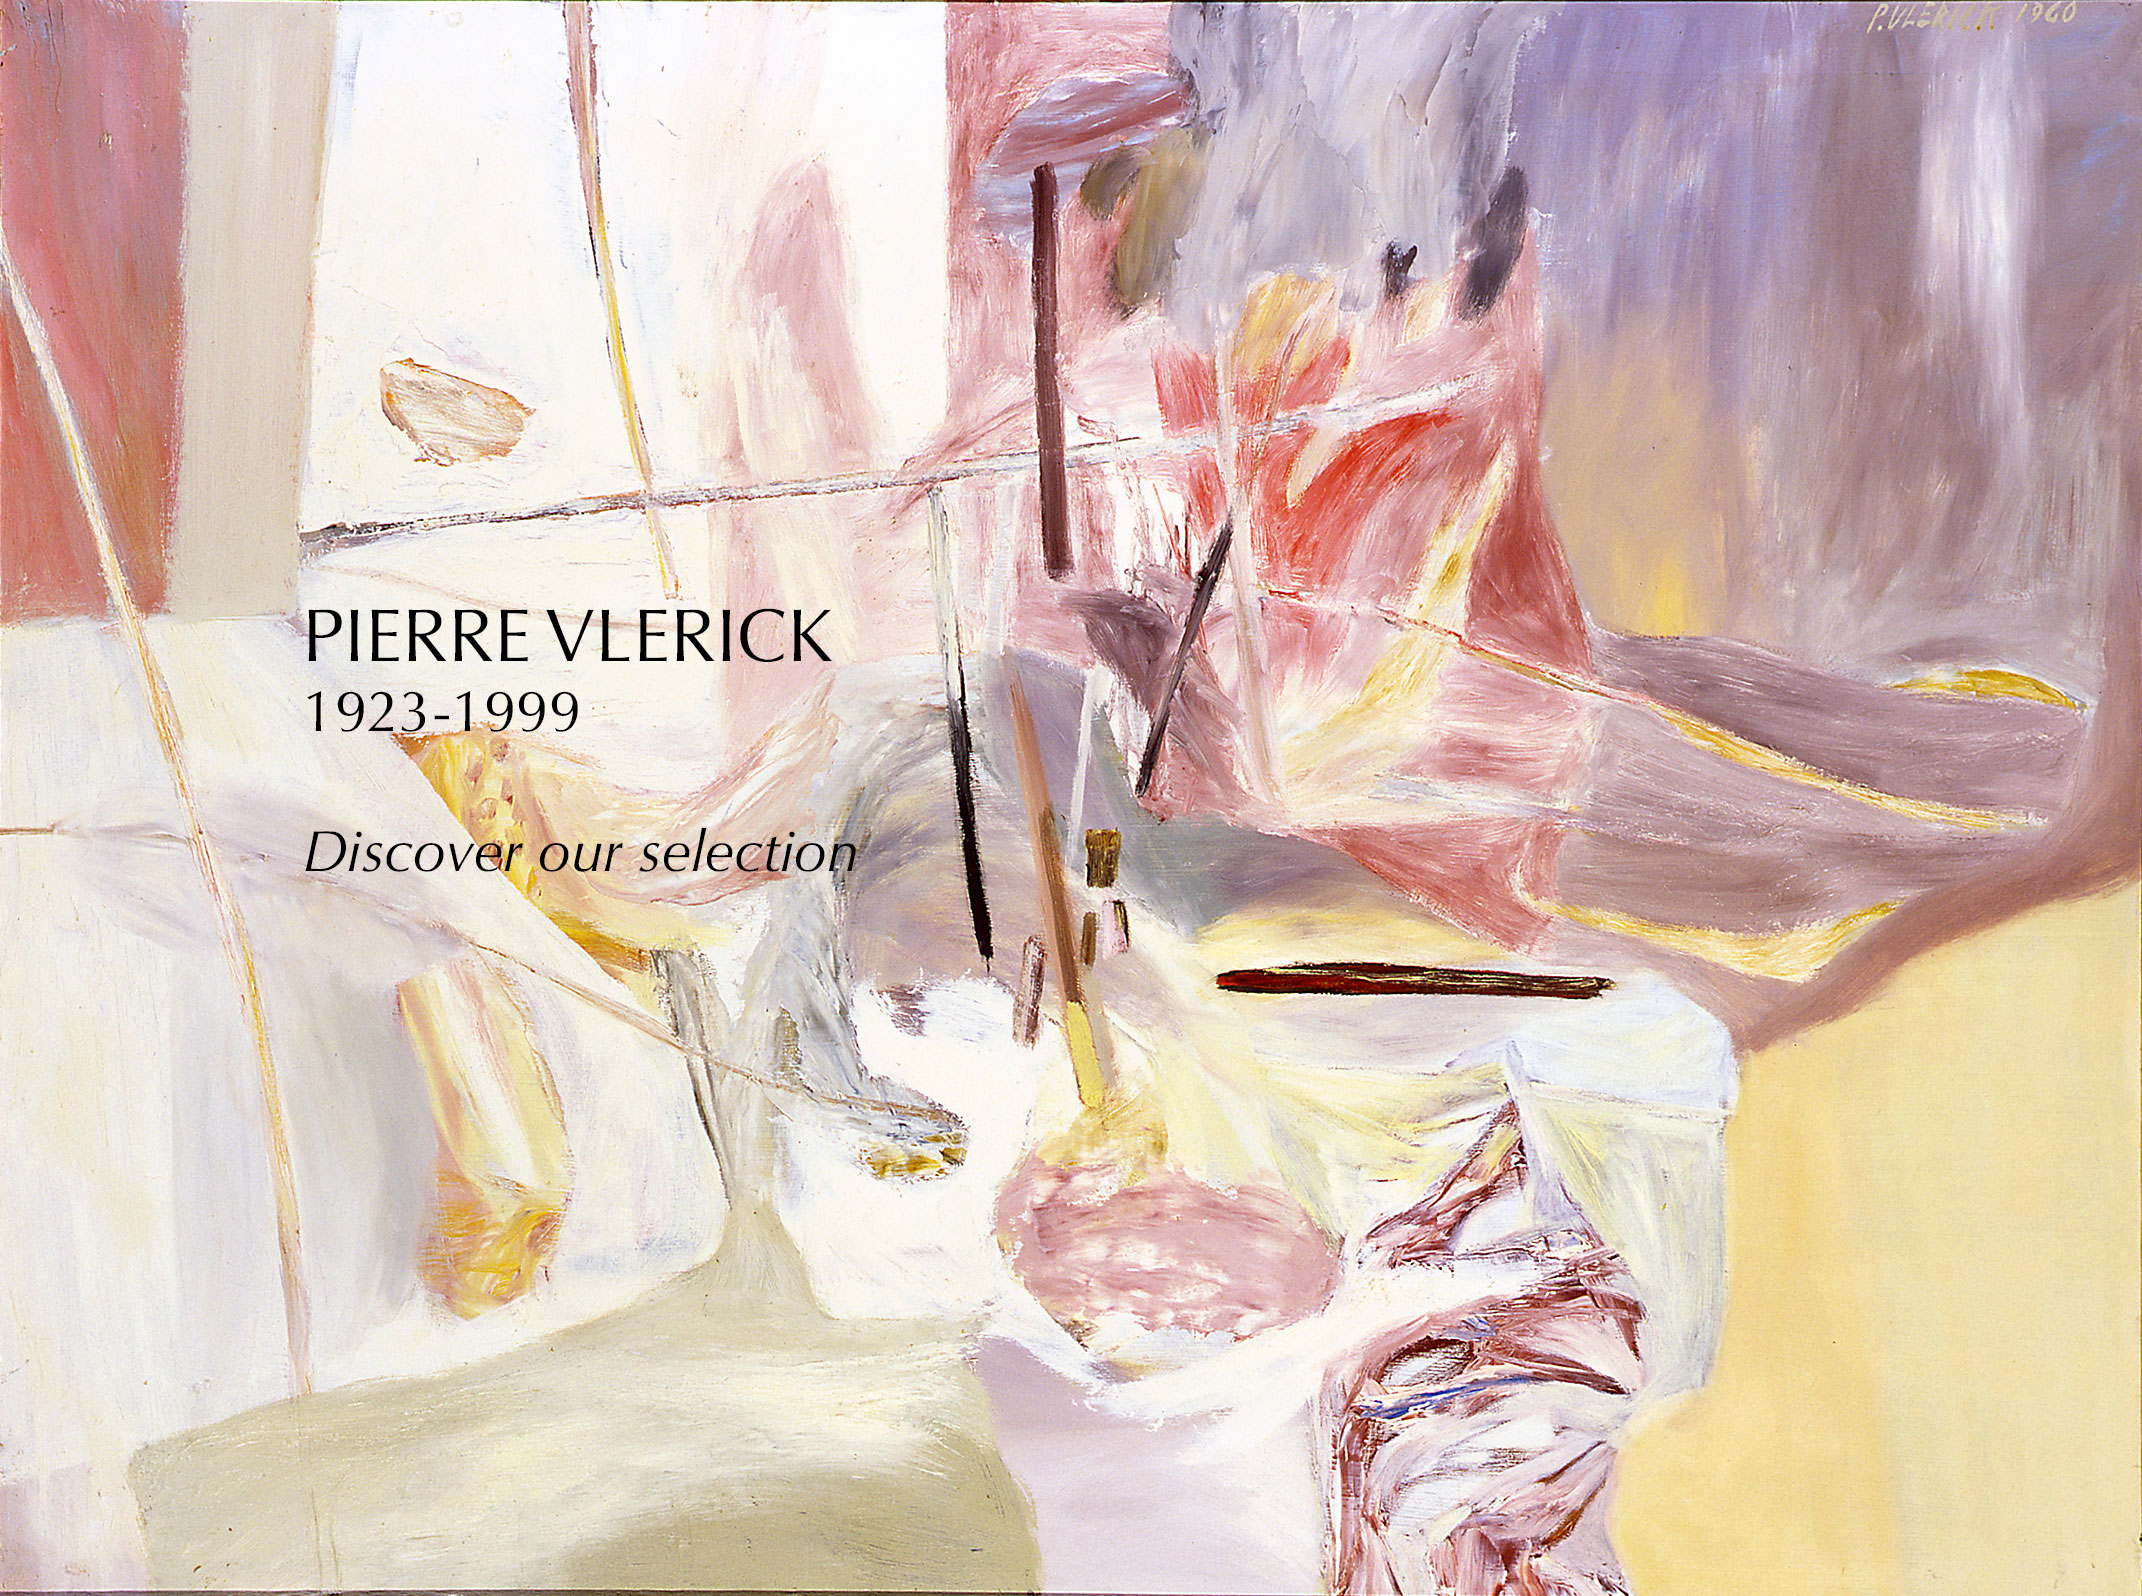 Pierre-VlerickEN